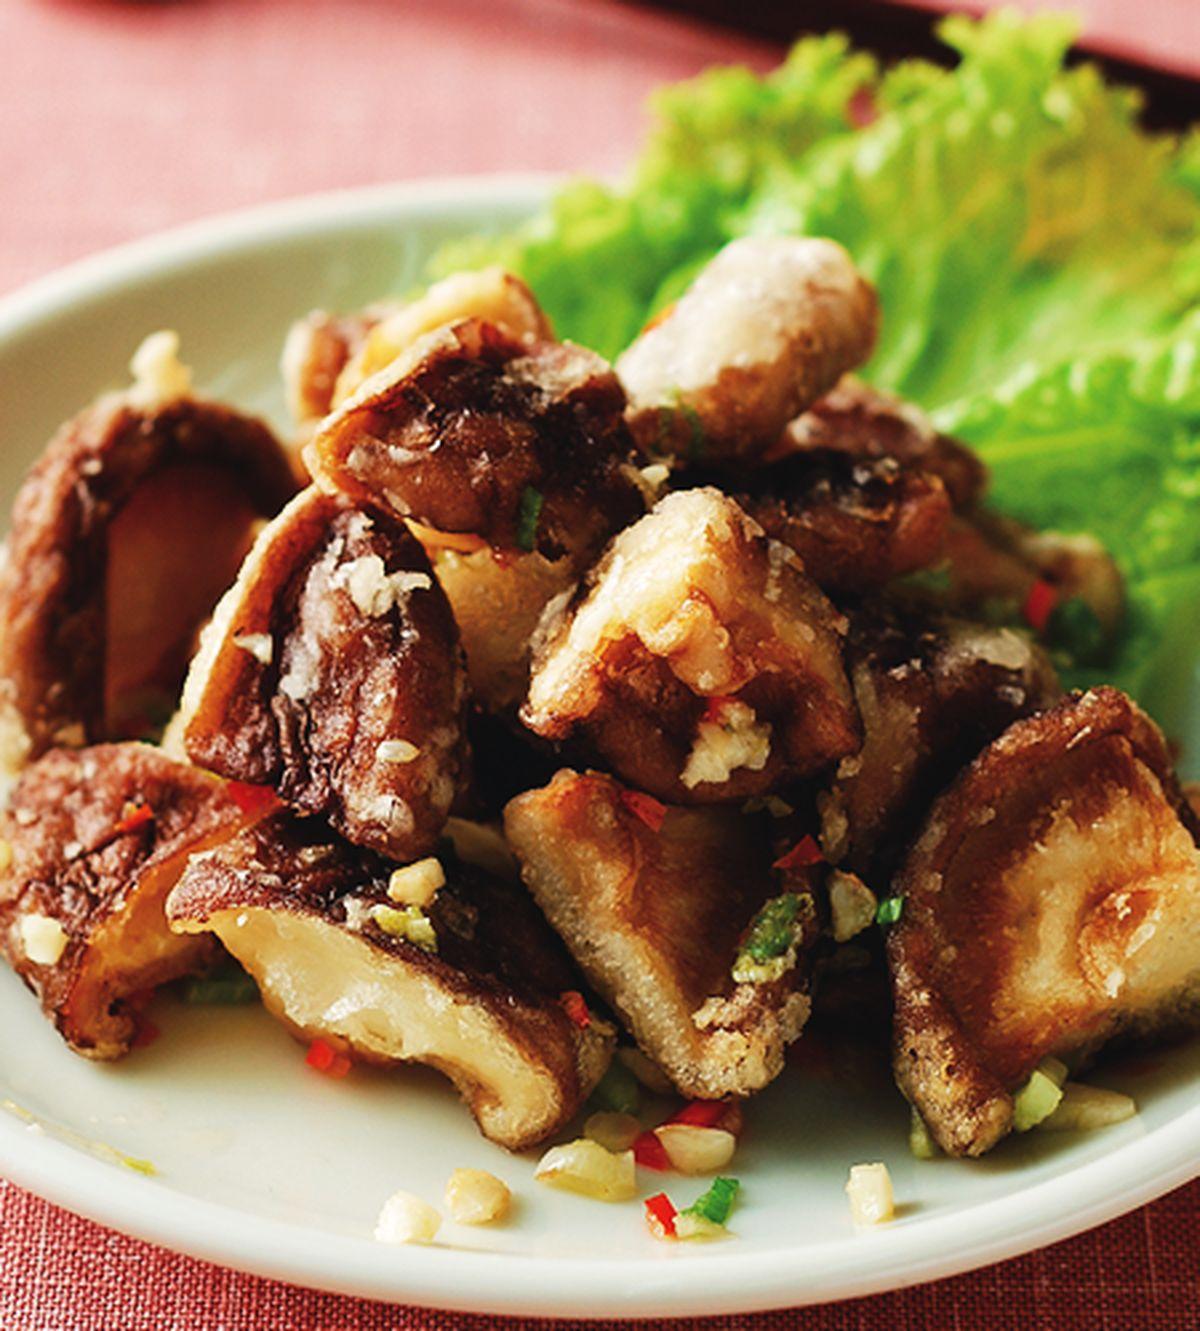 食譜:椒鹽鮮香菇